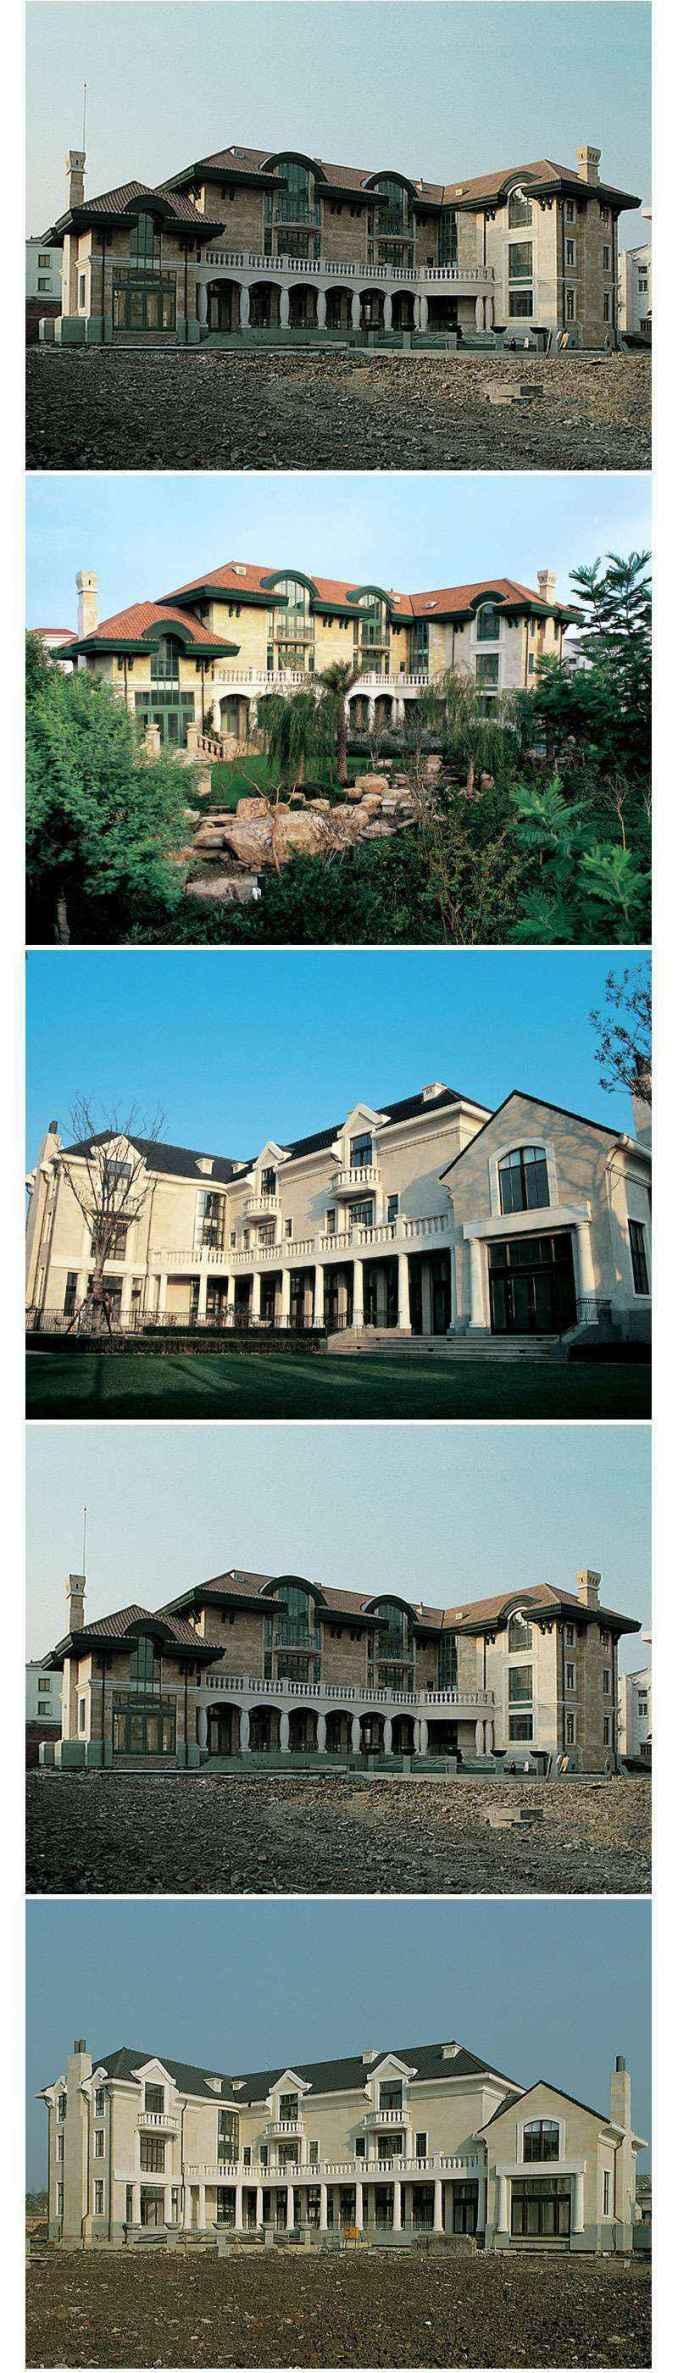 Auditorium Design,Autocad Blocks,AuditoriumDetails,Auditorium Section,Auditorium elevation design